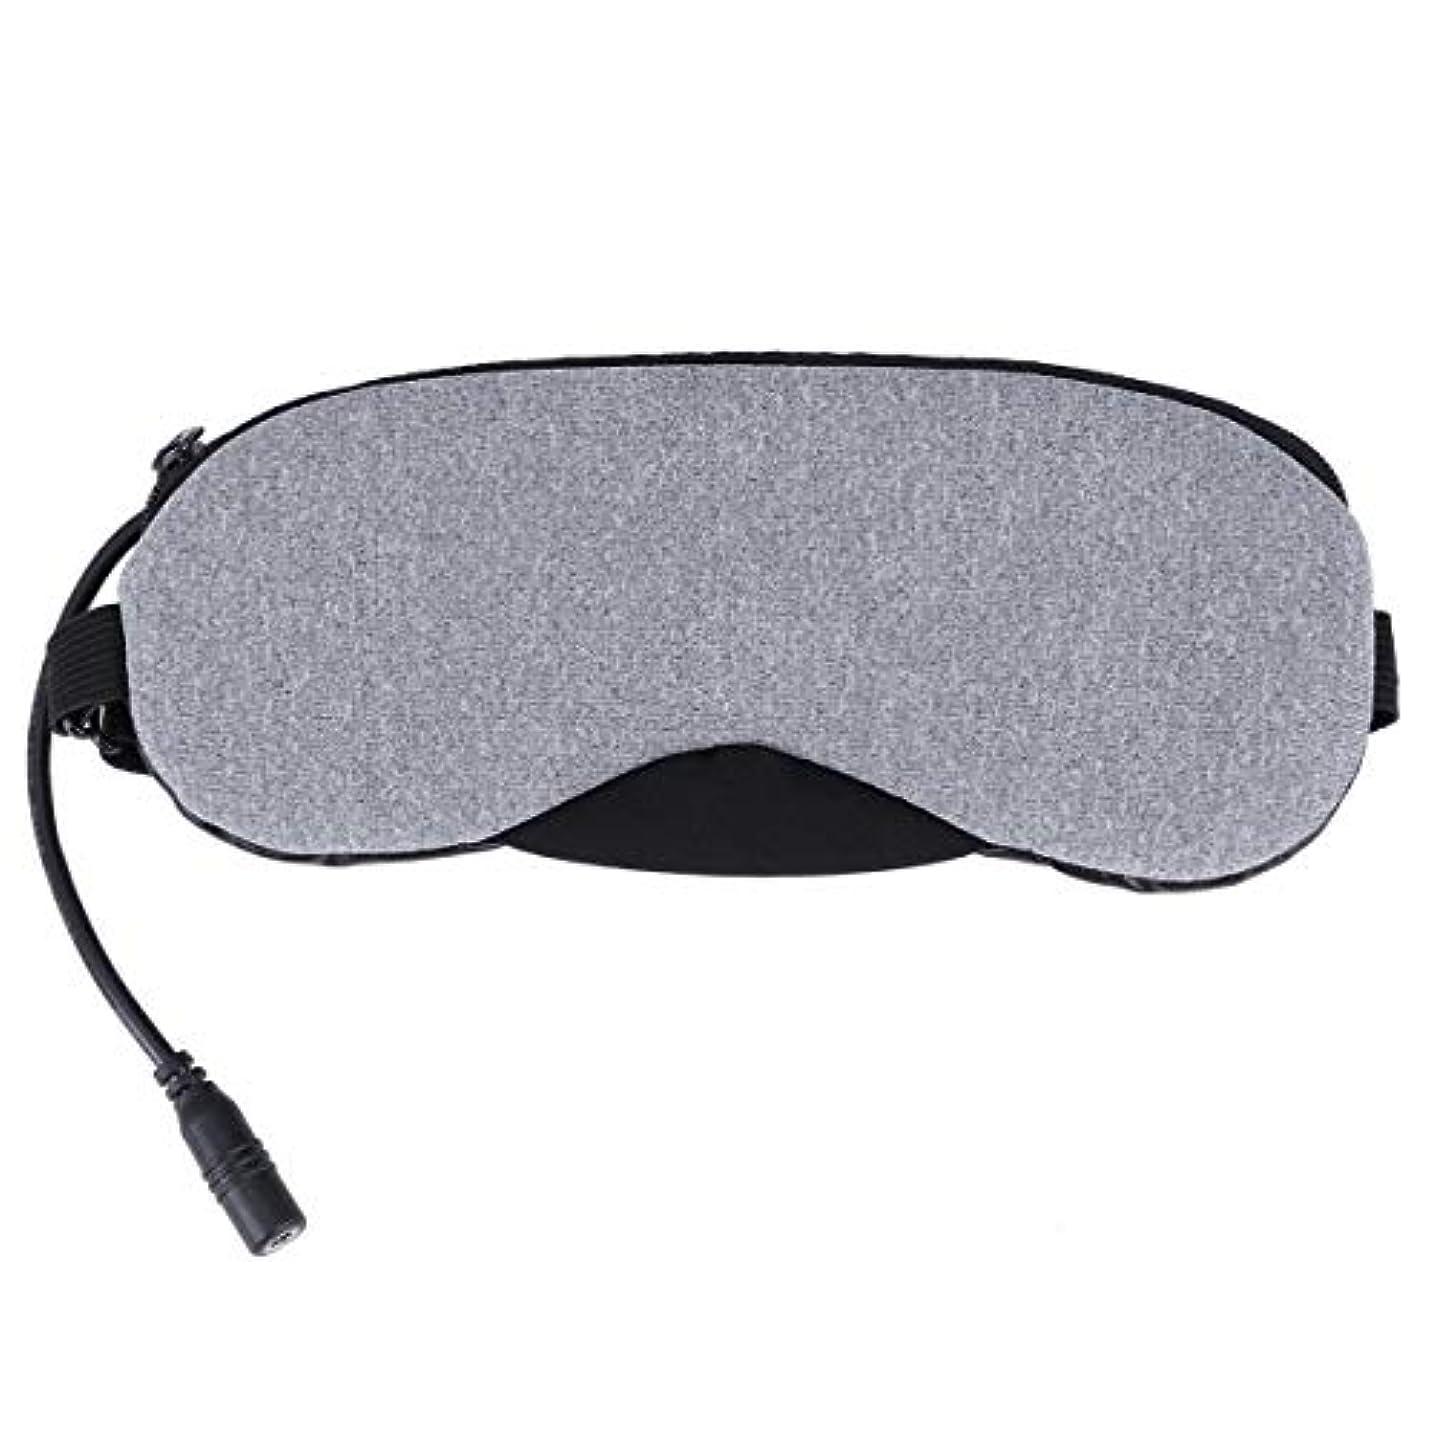 仲介者勧告ペグSUPVOX usbスチームアイマスクドライアイ眼eph炎用アイスパック温熱治療用アイマスク(グレー)